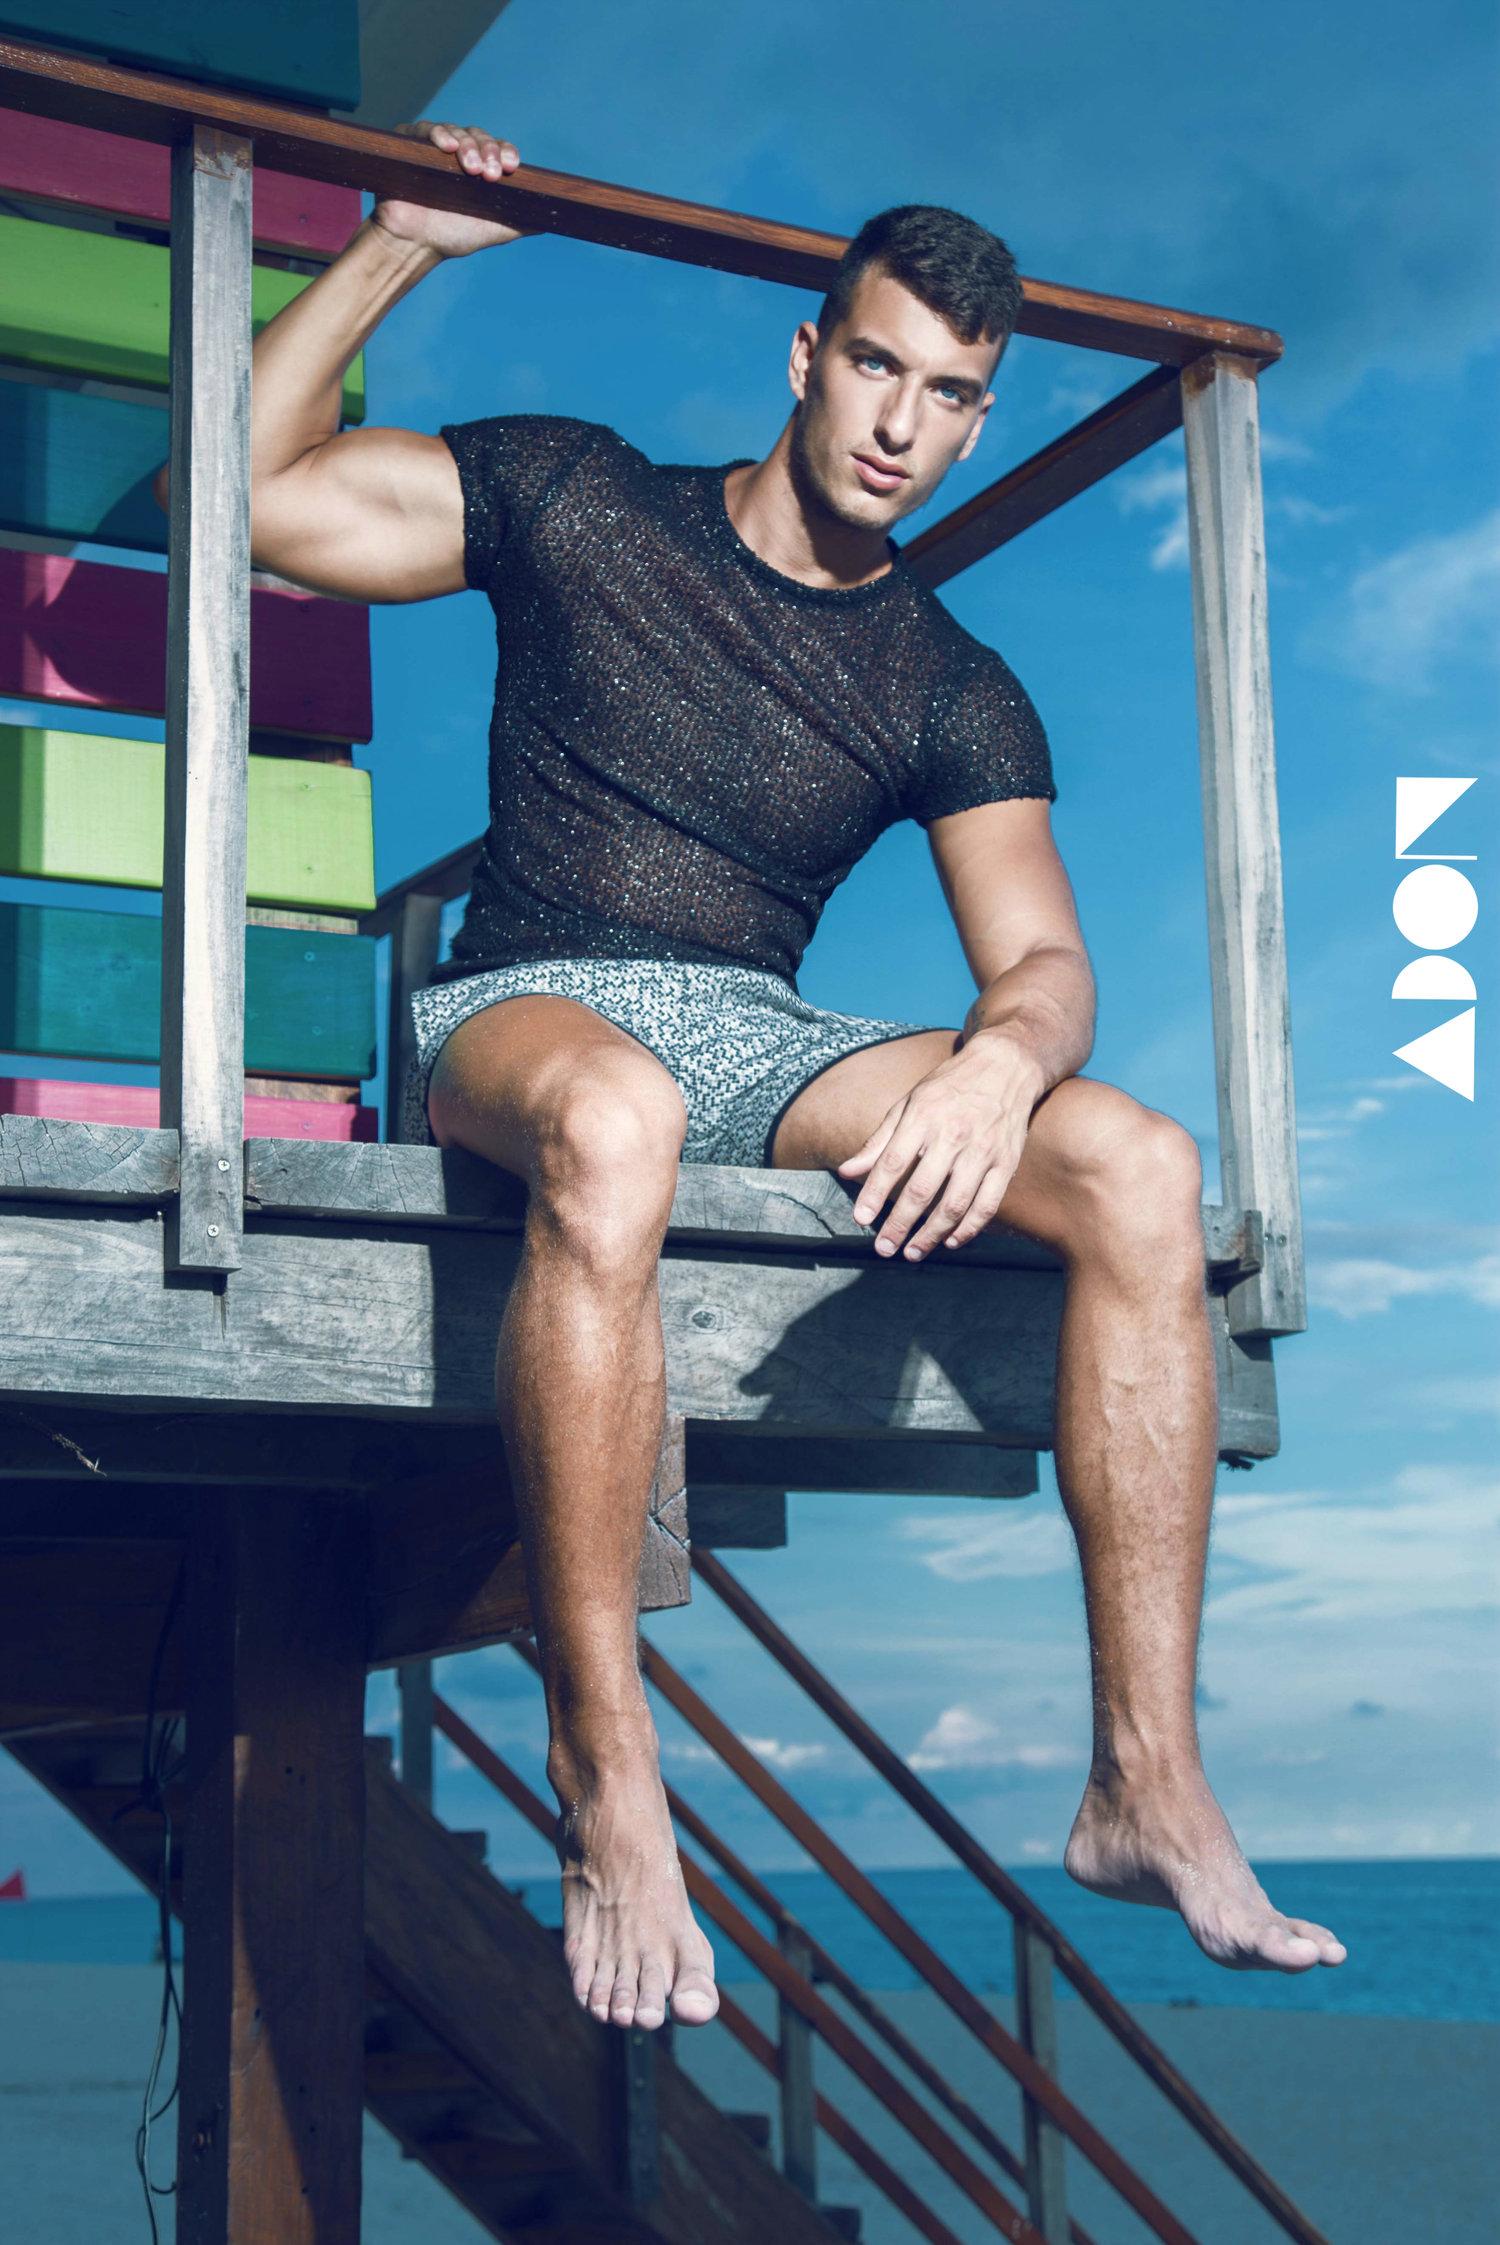 Adon Exclusive: Model Maxi Jurables By Luis Buenfil-Viera